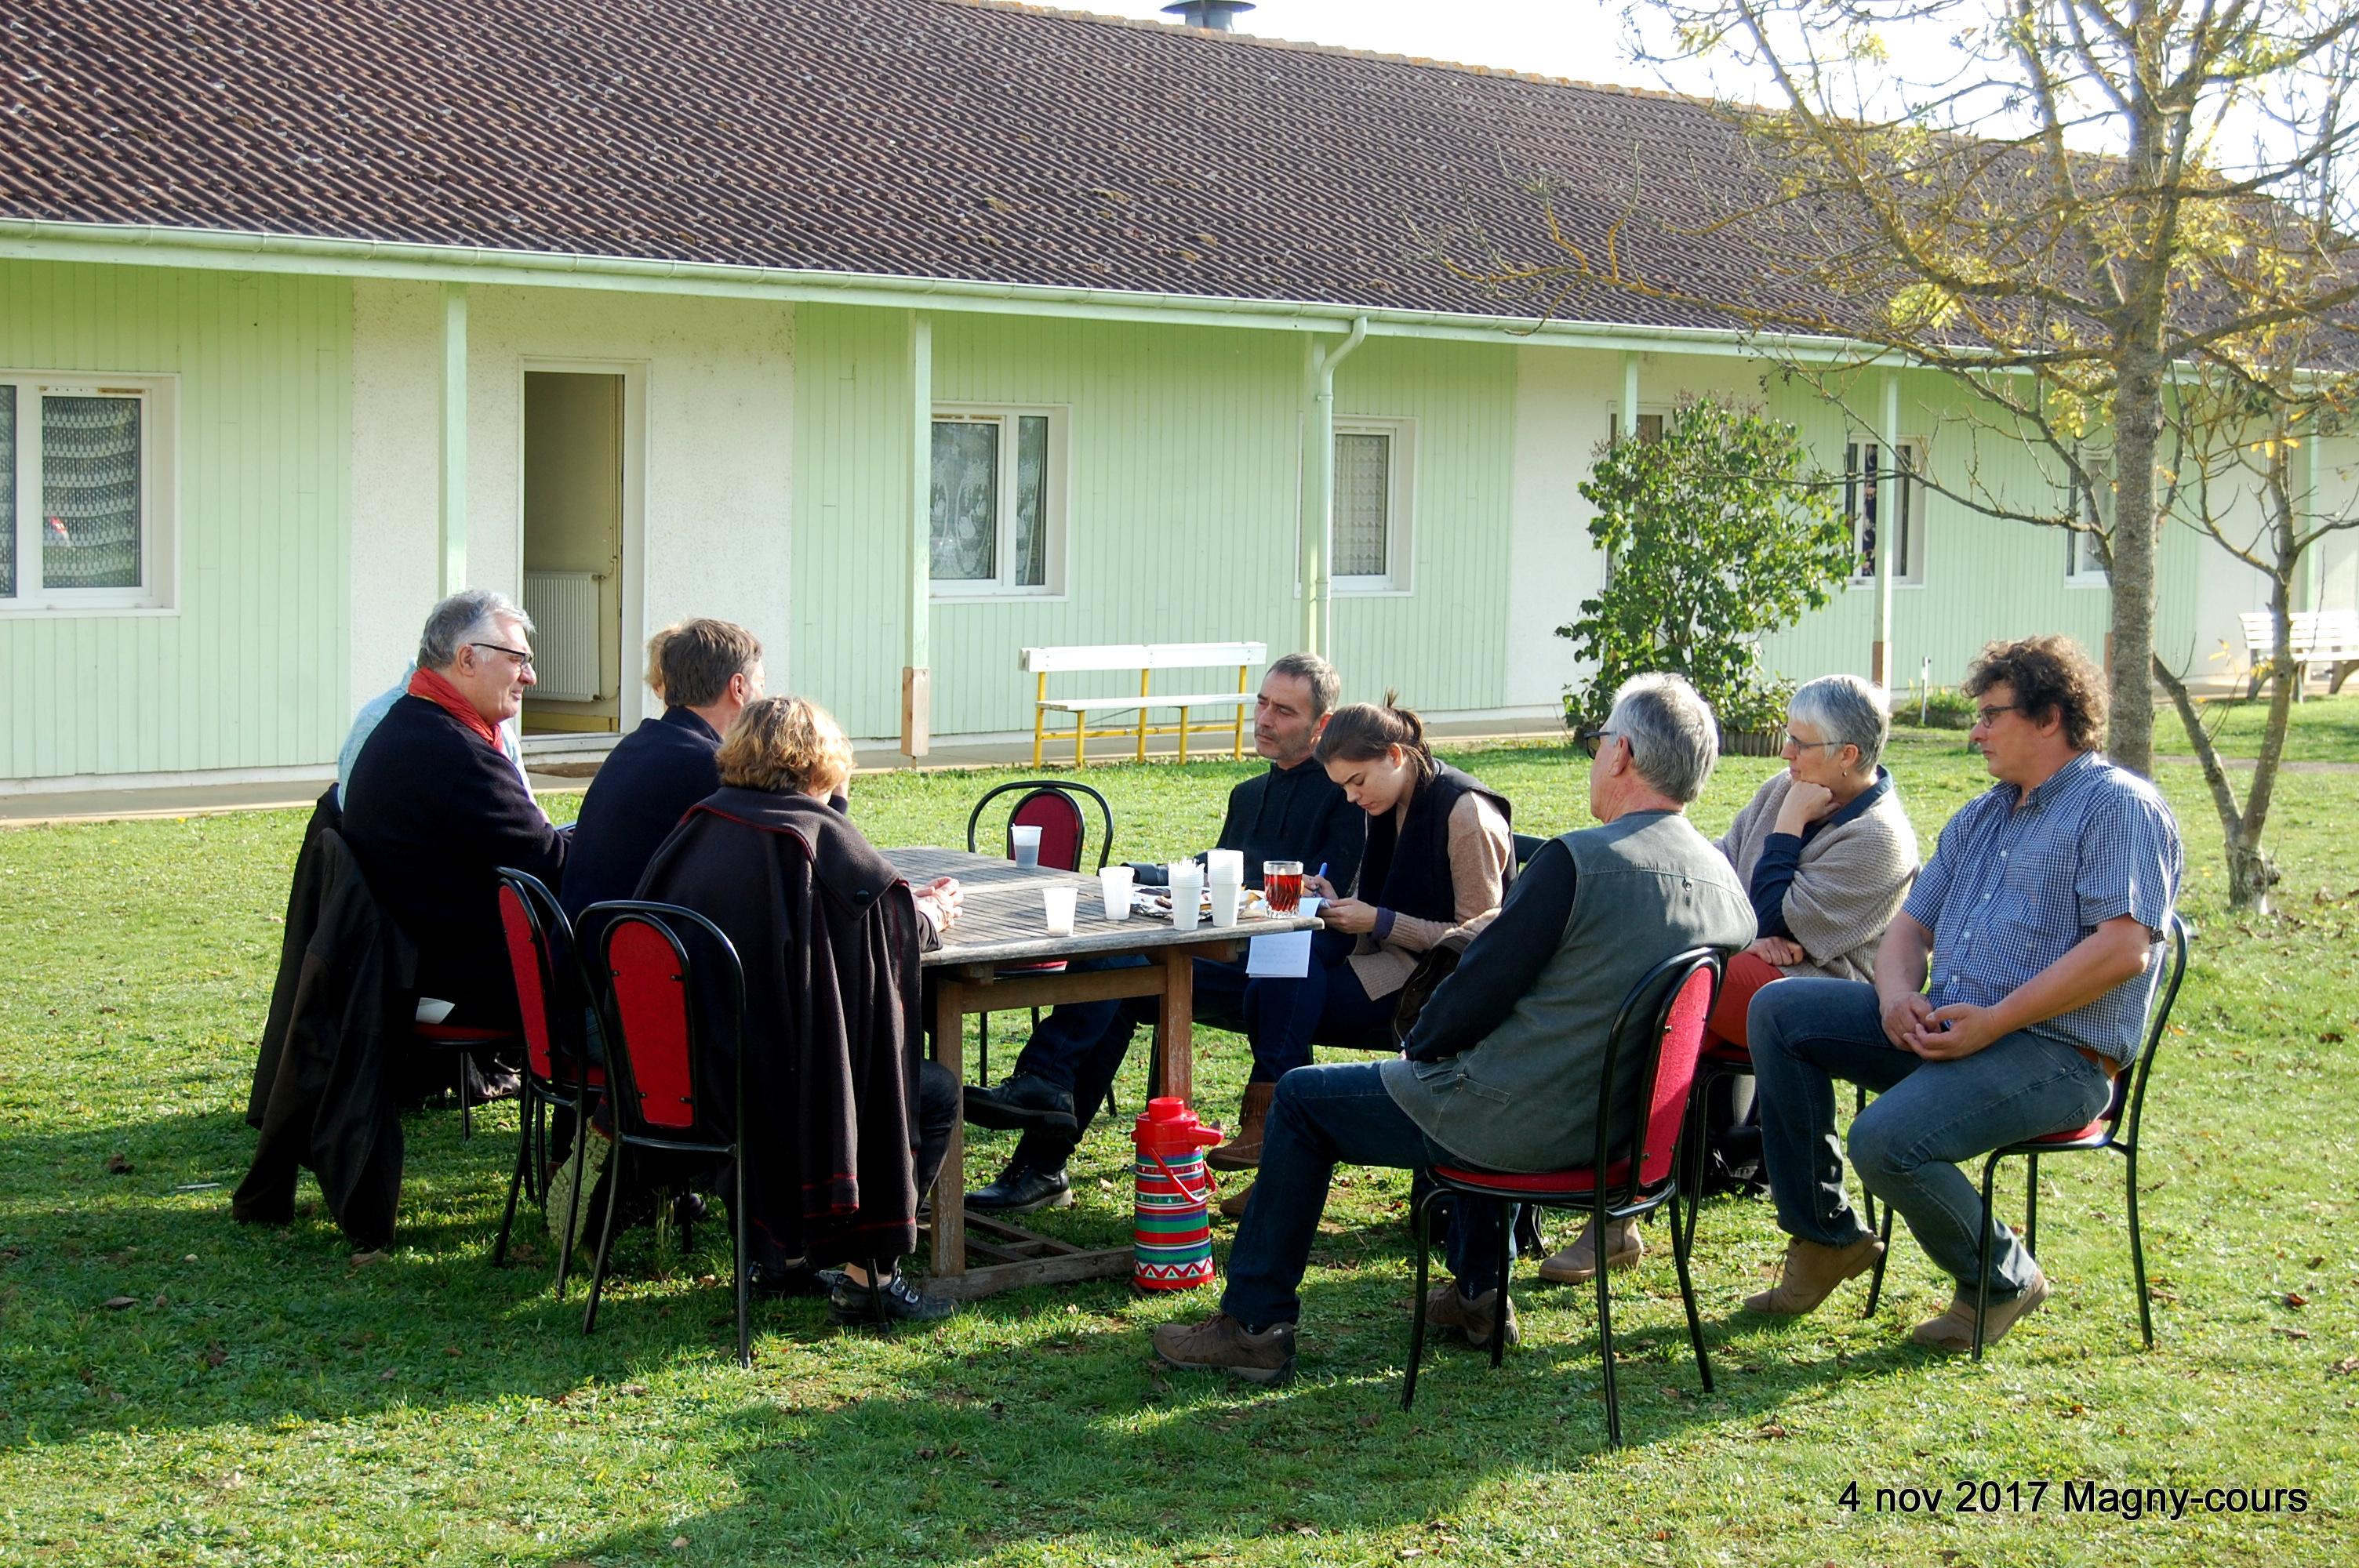 14h45 Profitant du soleil de novembre l'interview se déroule dans le jardin